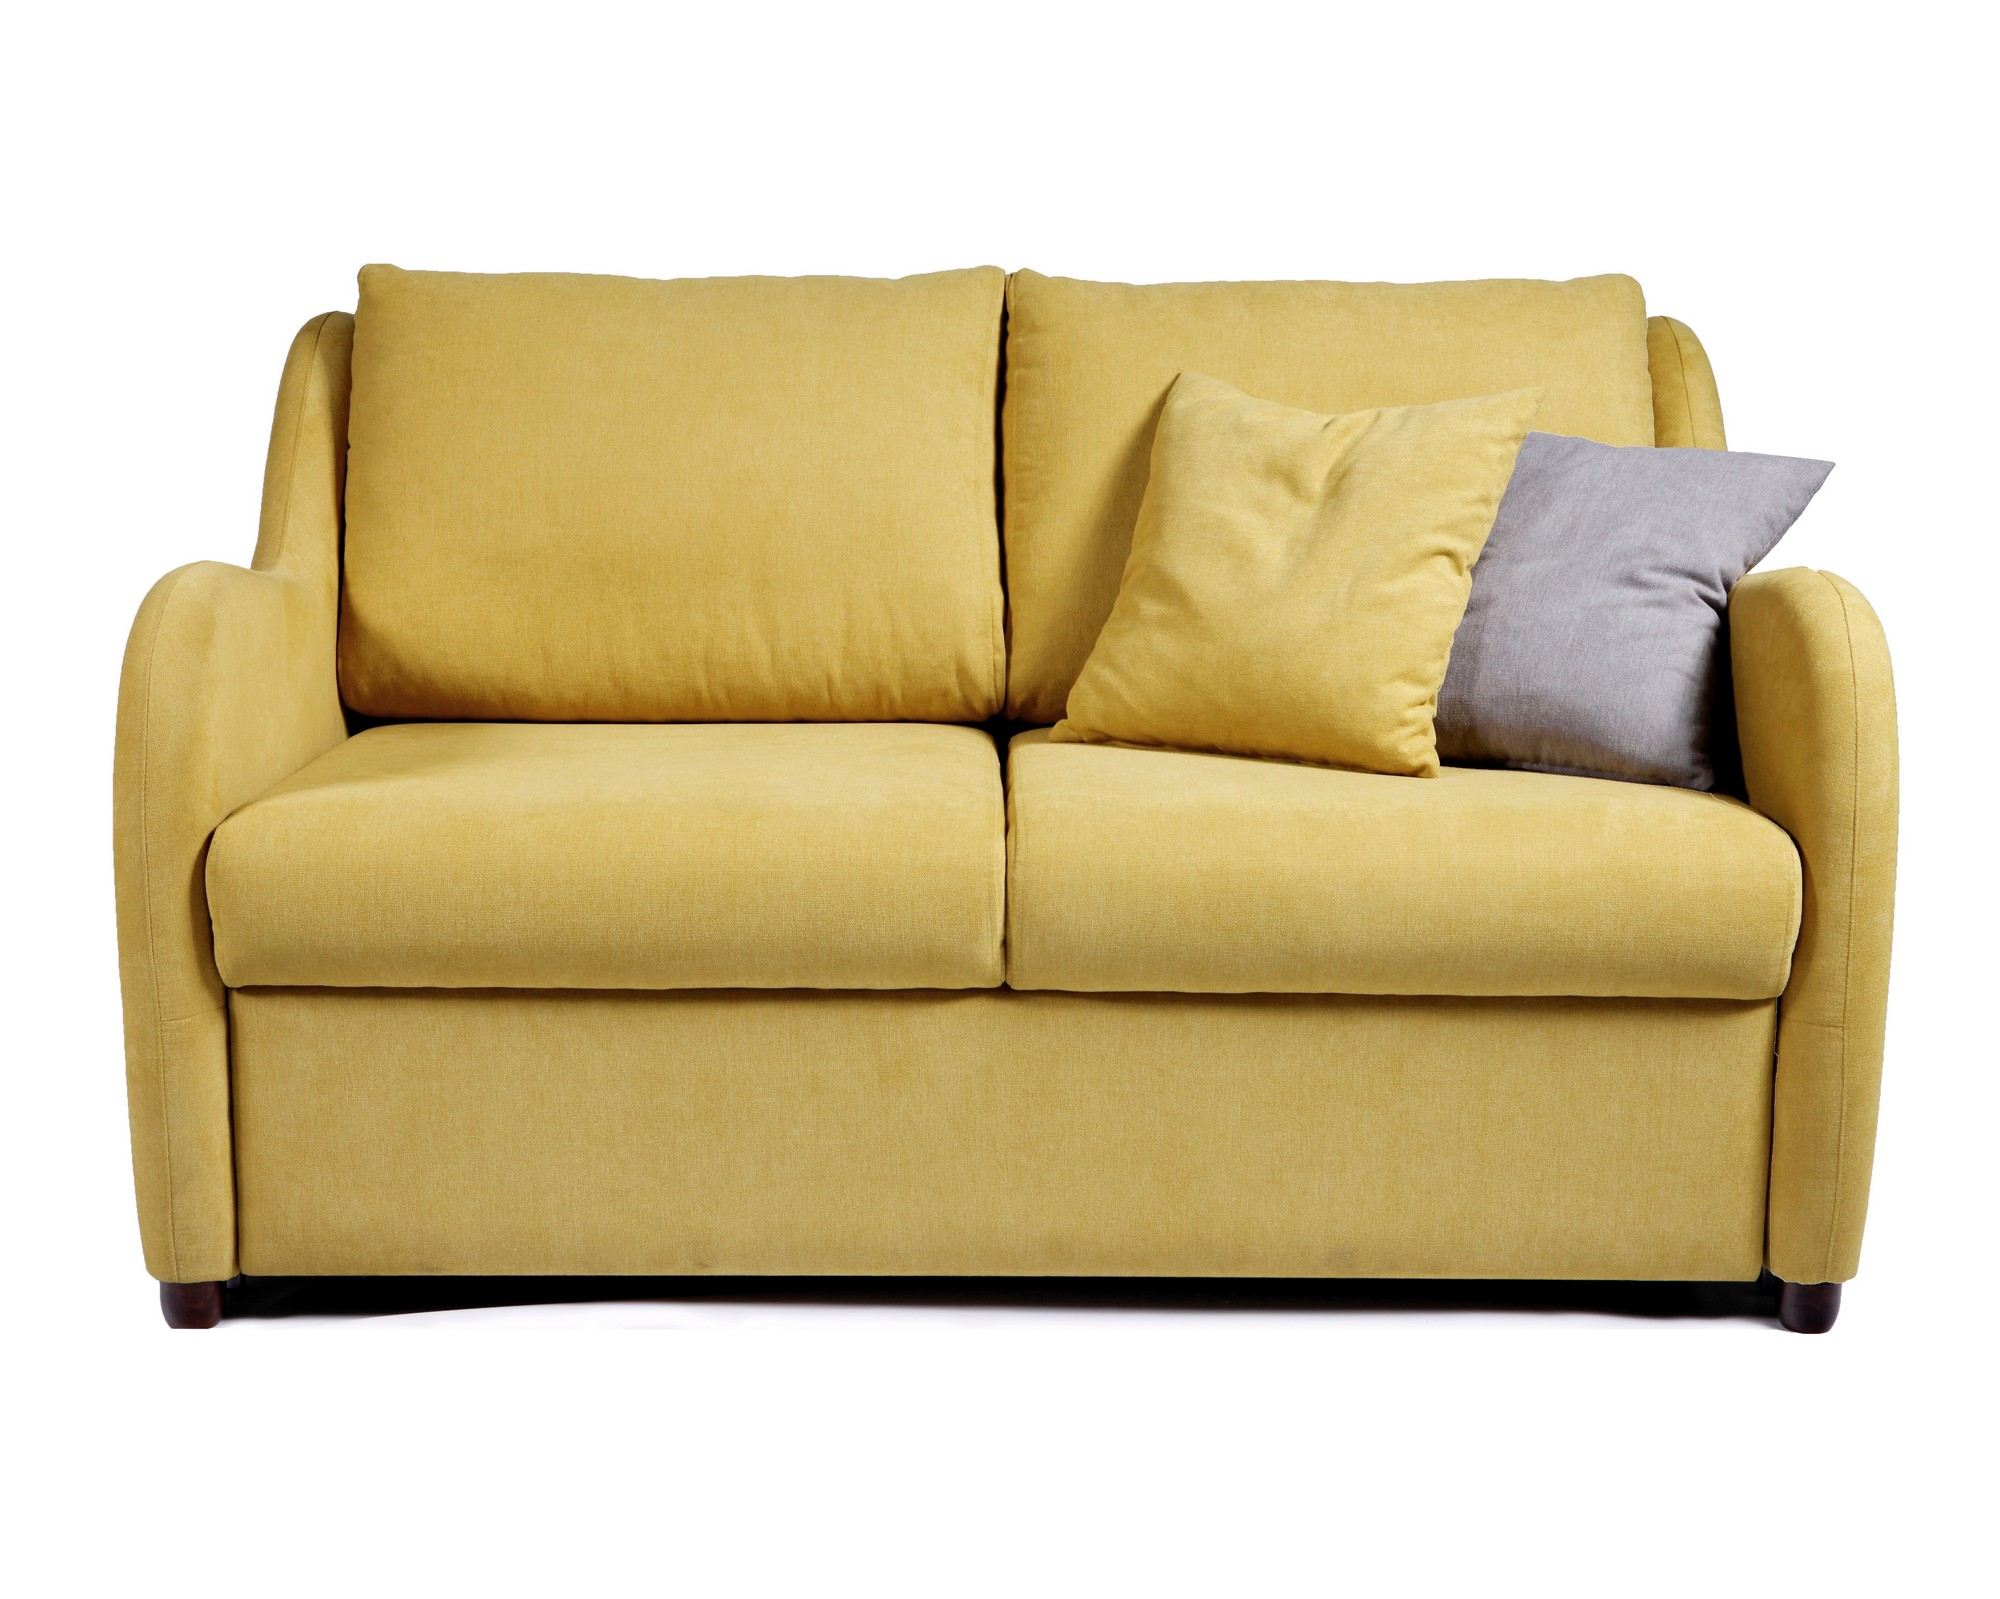 Диван-кровать UniversalПрямые раскладные диваны<br>&amp;lt;div&amp;gt;Компактный диван Universal – идеальное решение для тех, кто любит мебель в скандинавском стиле. Упругие подушки и специальное силиконизированное волокно в спинке обеспечивают оптимальную поддержку. Повышенная прочность: металлический каркас и механизм, раскрывающий спальное место в воздухе, выдерживает большие динамические нагрузки.&amp;lt;/div&amp;gt;&amp;lt;div&amp;gt;&amp;lt;br&amp;gt;&amp;lt;/div&amp;gt;&amp;lt;div&amp;gt;Размер спального места: 206 х 140 см.&amp;lt;/div&amp;gt;&amp;lt;div&amp;gt;Обивка: Ткань Collection Five (велюр, 300 г/м2, толщина 1 мм.). Легко чистится и устойчива к загрязнениям и истиранию. Выдерживает 100 000 циклов по тесту Мартиндейла (ГОСТ — 20 000 циклов).&amp;amp;nbsp;&amp;lt;/div&amp;gt;&amp;lt;div&amp;gt;Подушки в комплект не входят.&amp;lt;/div&amp;gt;&amp;lt;div&amp;gt;Вы можете выбрать один из 5 цветов. Подобрать оттенок и сделать заказ Вам поможет персональный консультант.&amp;amp;nbsp;&amp;lt;/div&amp;gt;<br><br>Material: Велюр<br>Width см: 160<br>Depth см: 95<br>Height см: 96